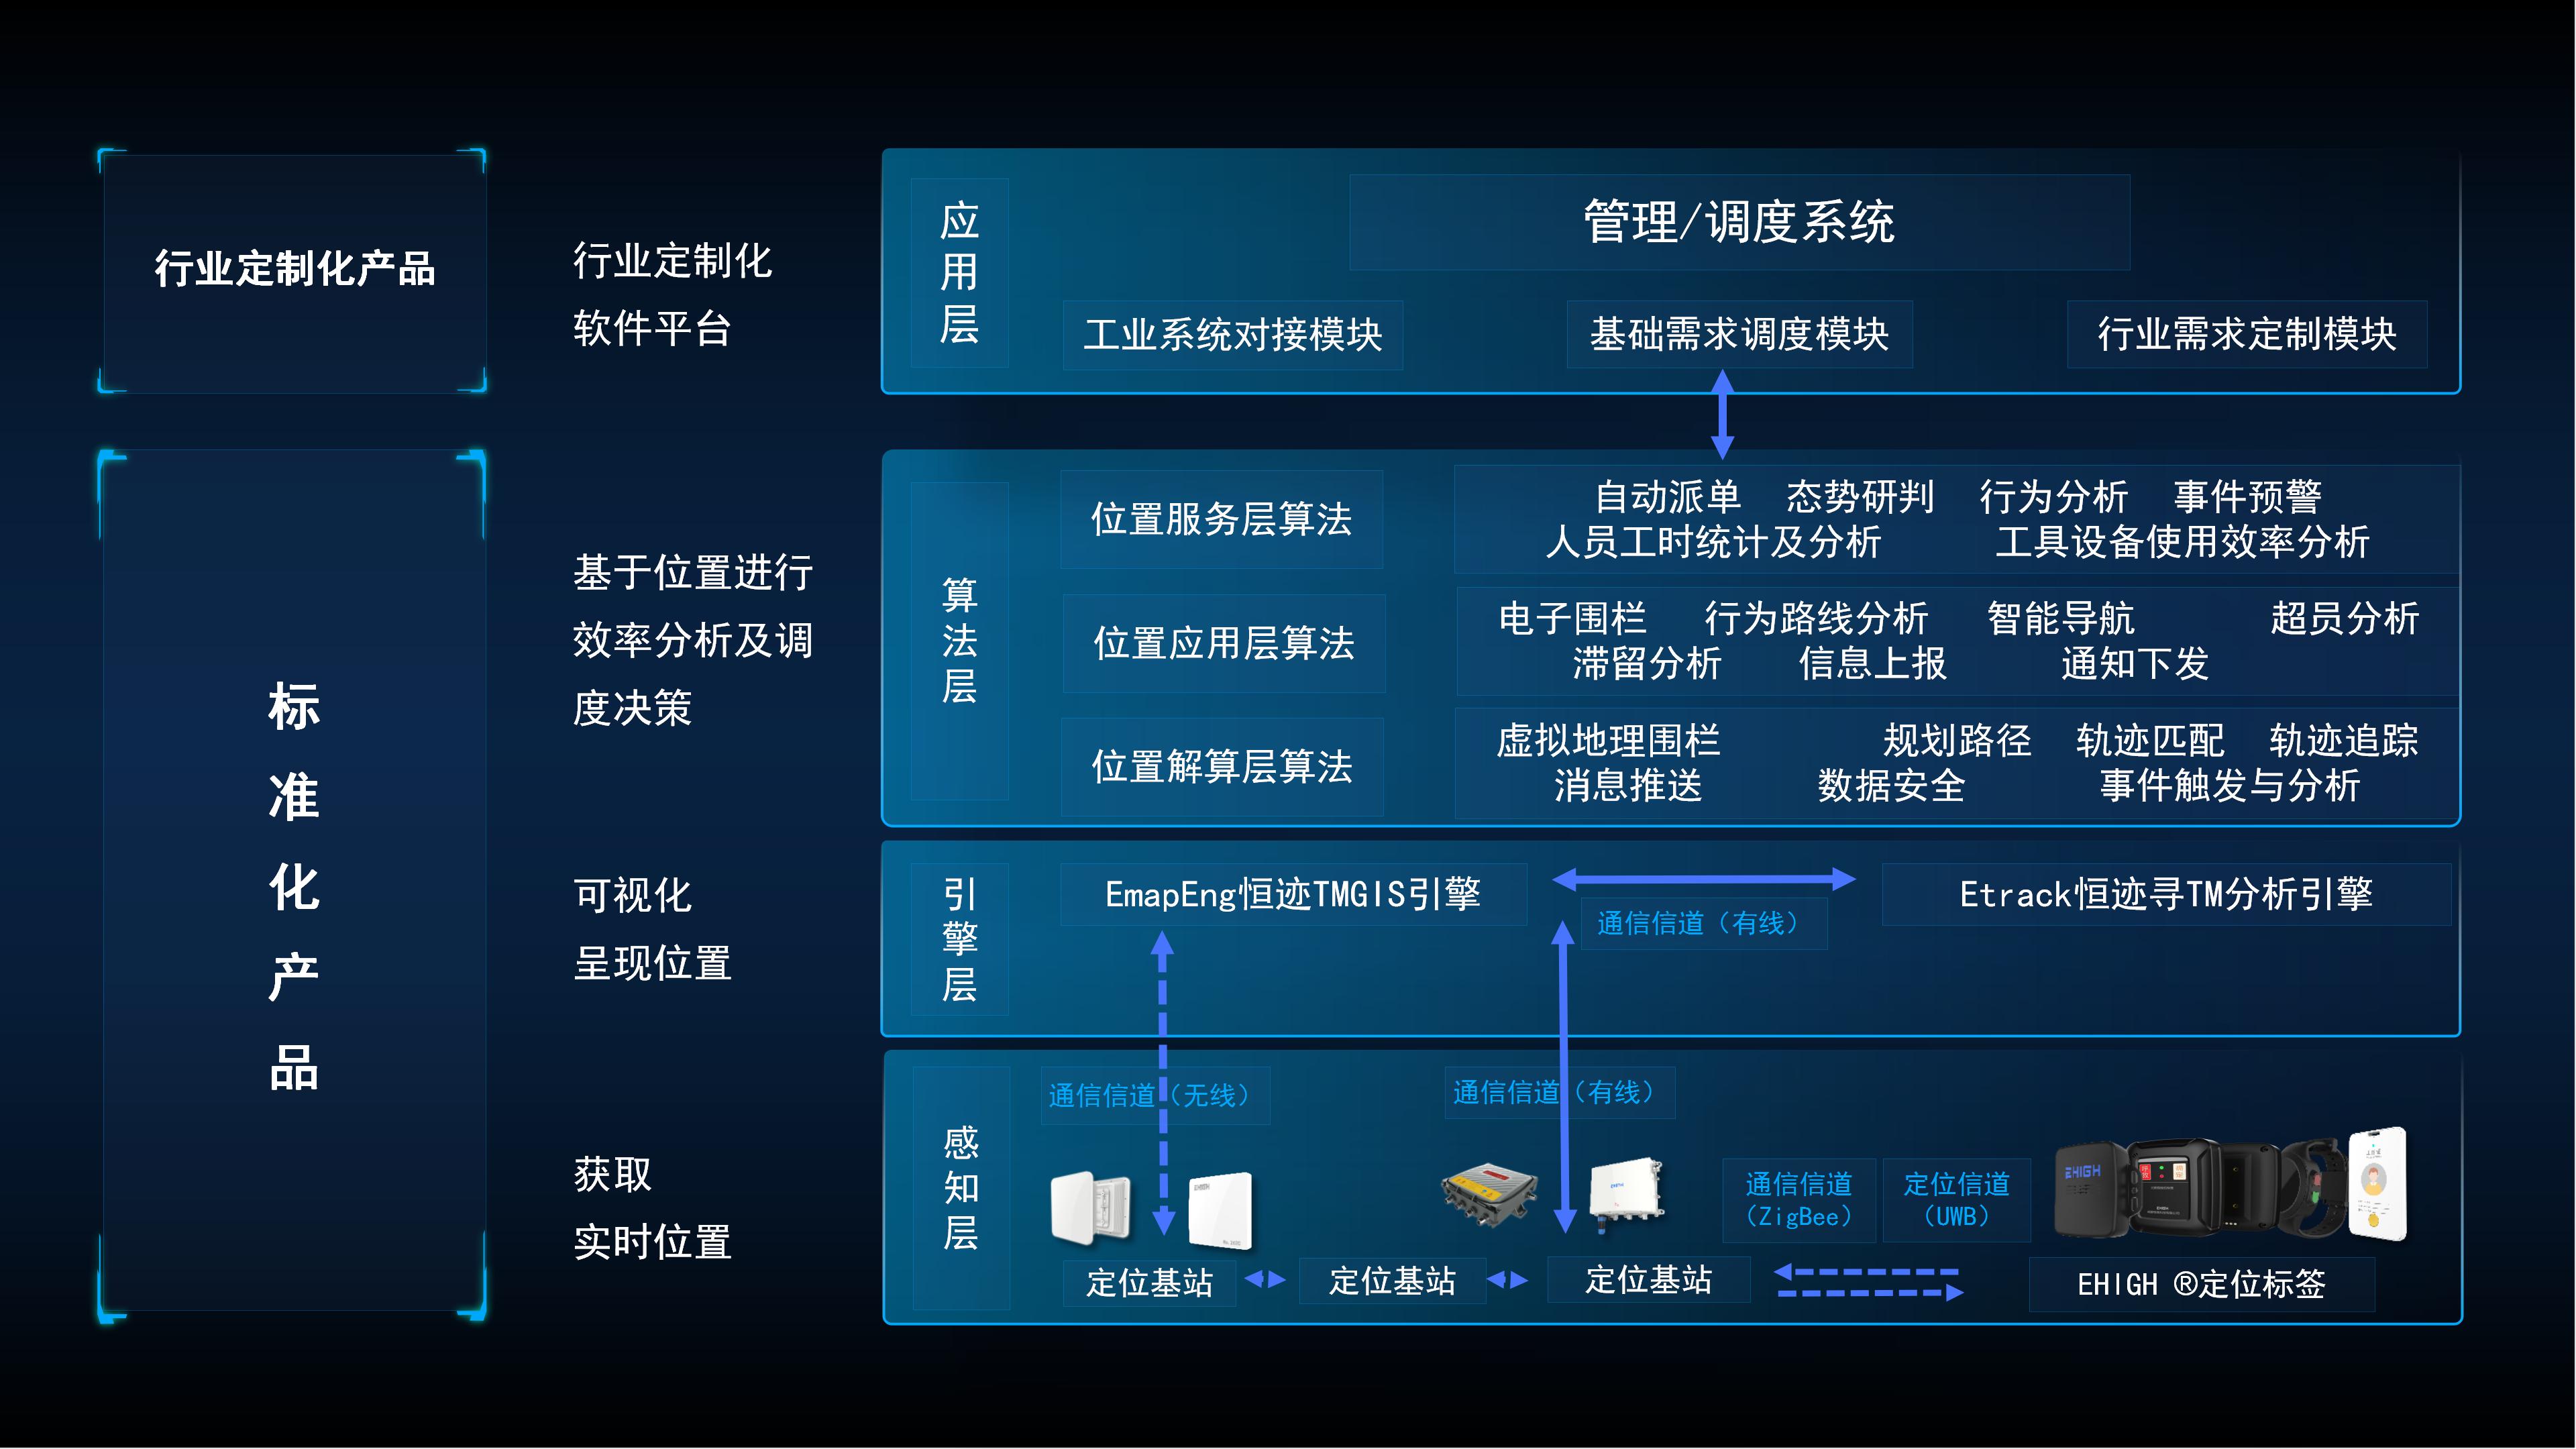 四相科技工业位置物联网整体解决方案架构